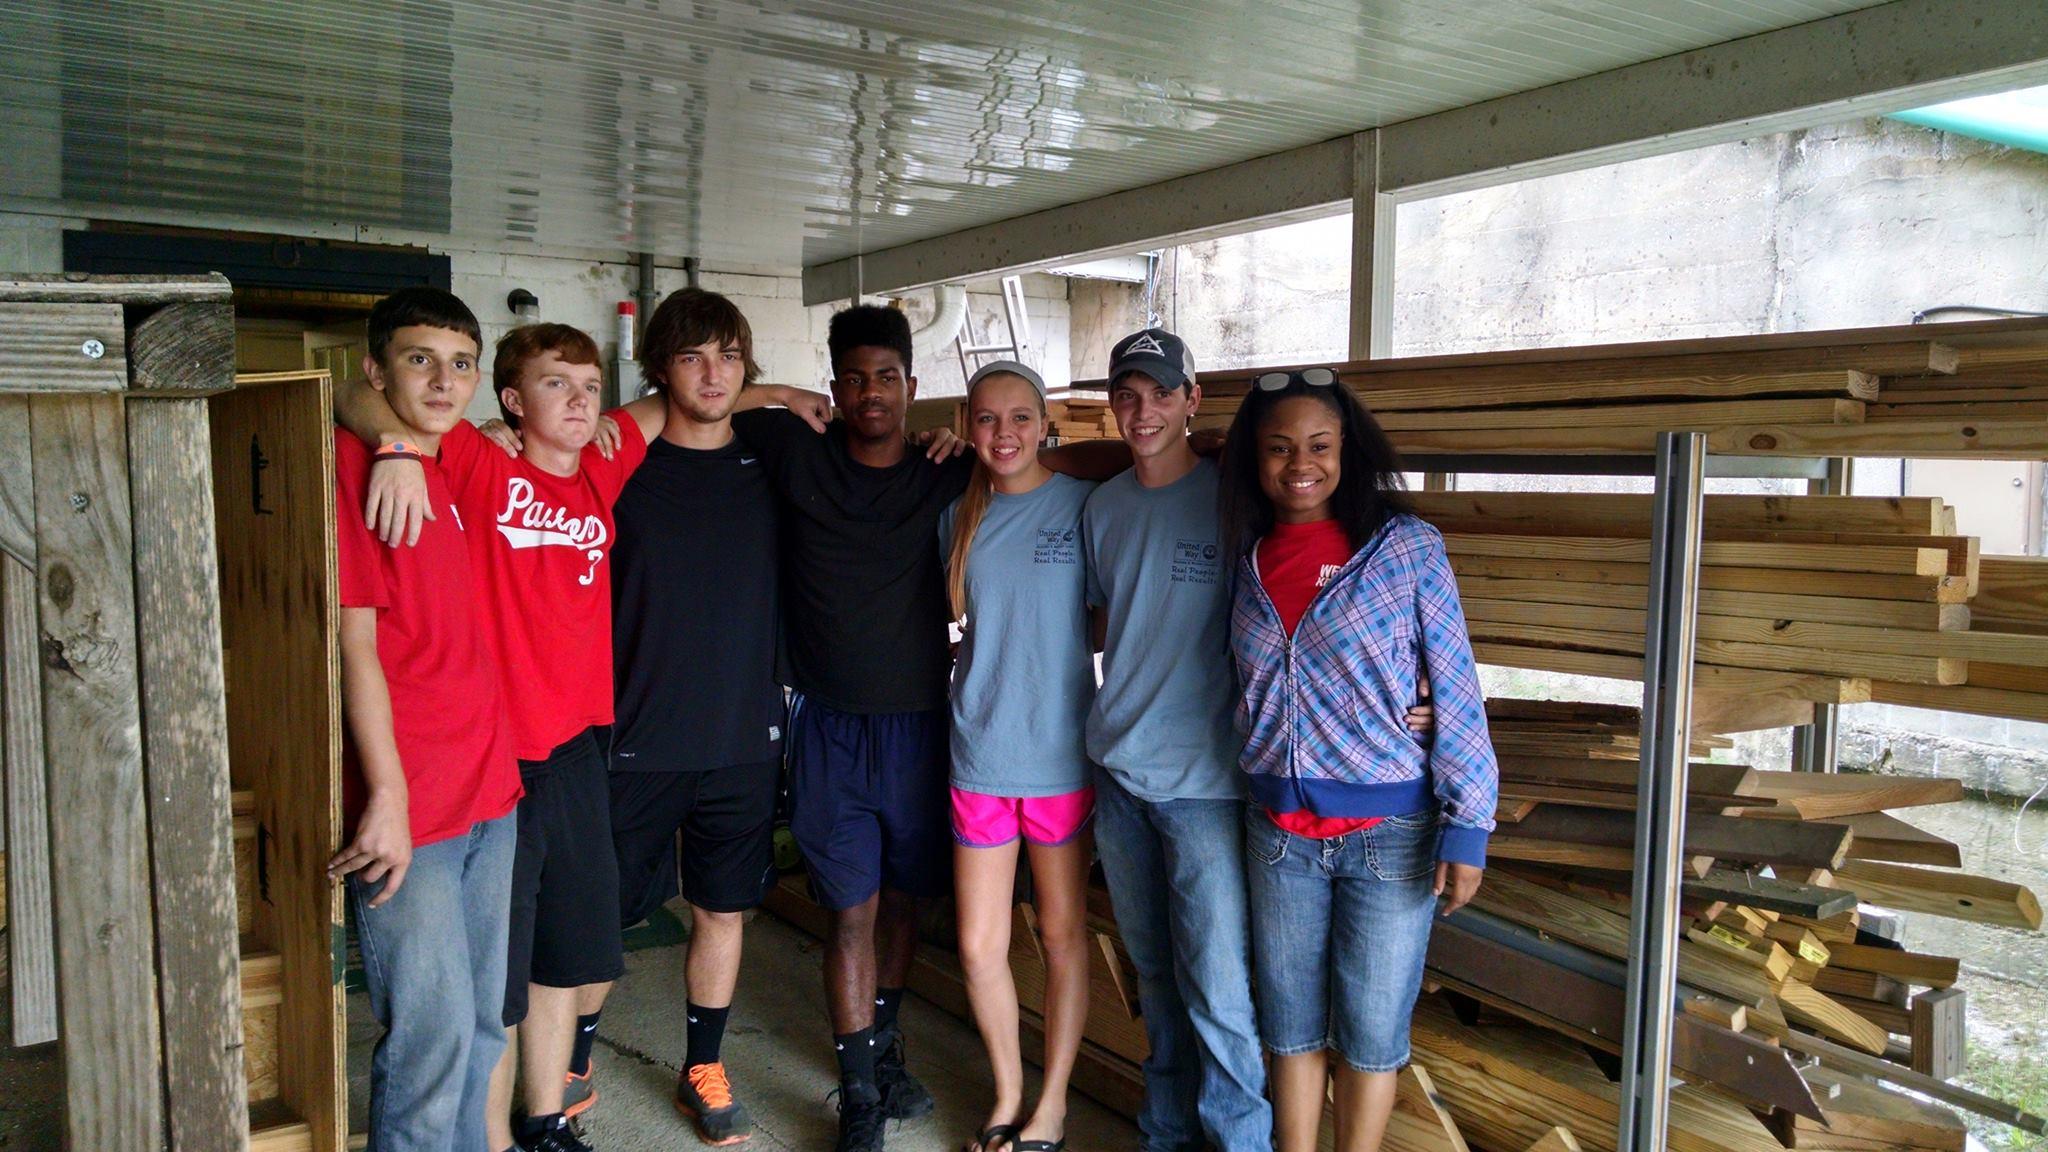 Paxton Key Club Volunteers